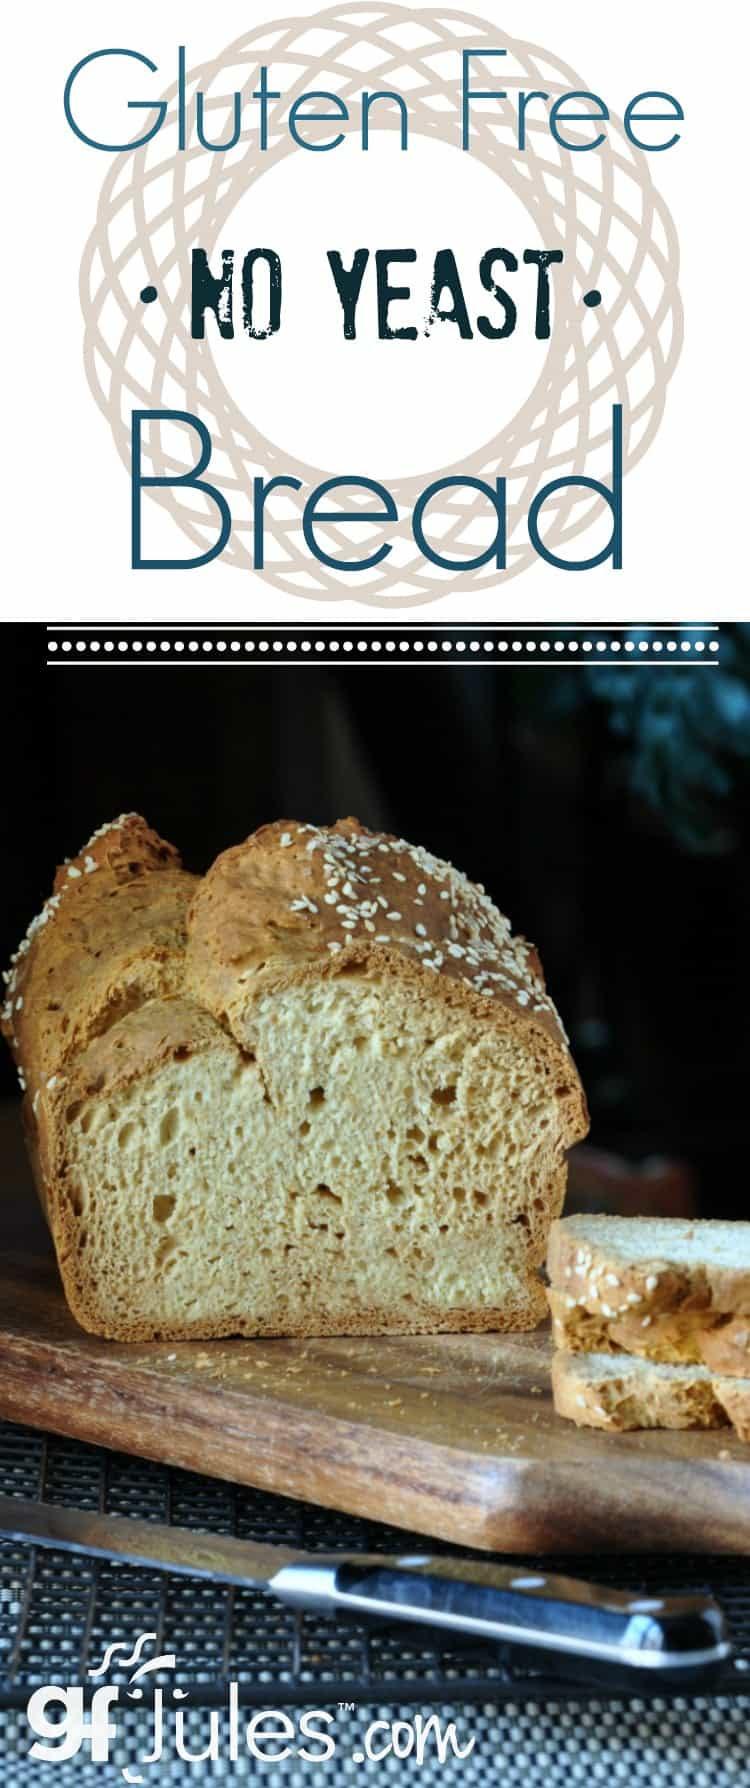 Gluten Free No Yeast Bread Recipe for Sandwiches |gfJules